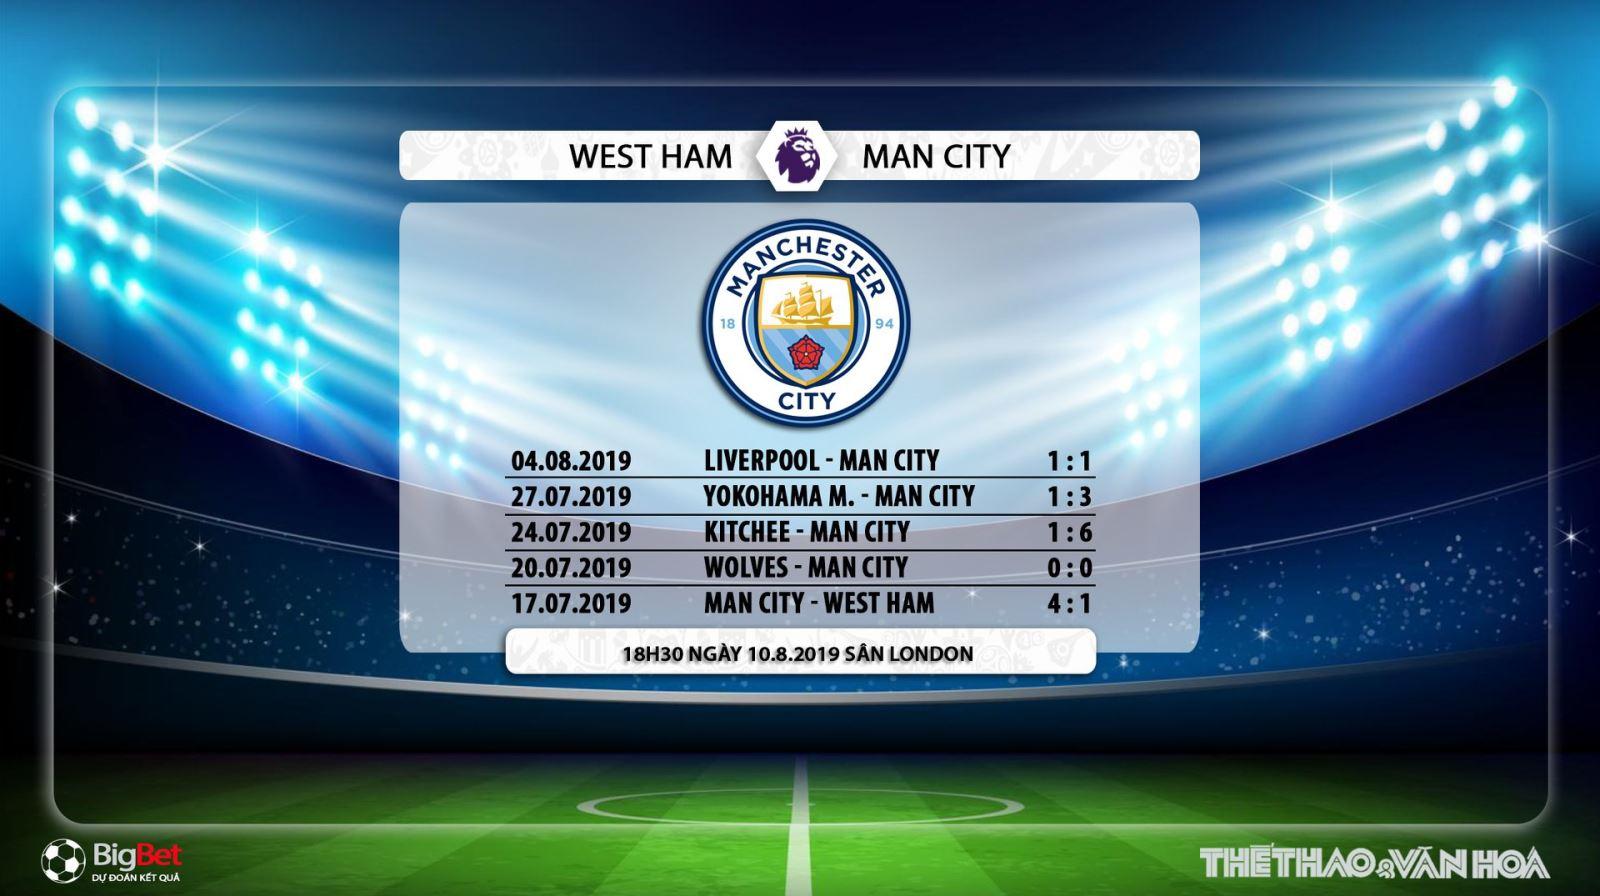 truc tiep bong da, trực tiếp bóng đá, West Ham vs Man City, trực tiếp man city đấu với West Ham, west ham man city, bóng đá trực tuyến, trực tiếp bóng đá Anh K+